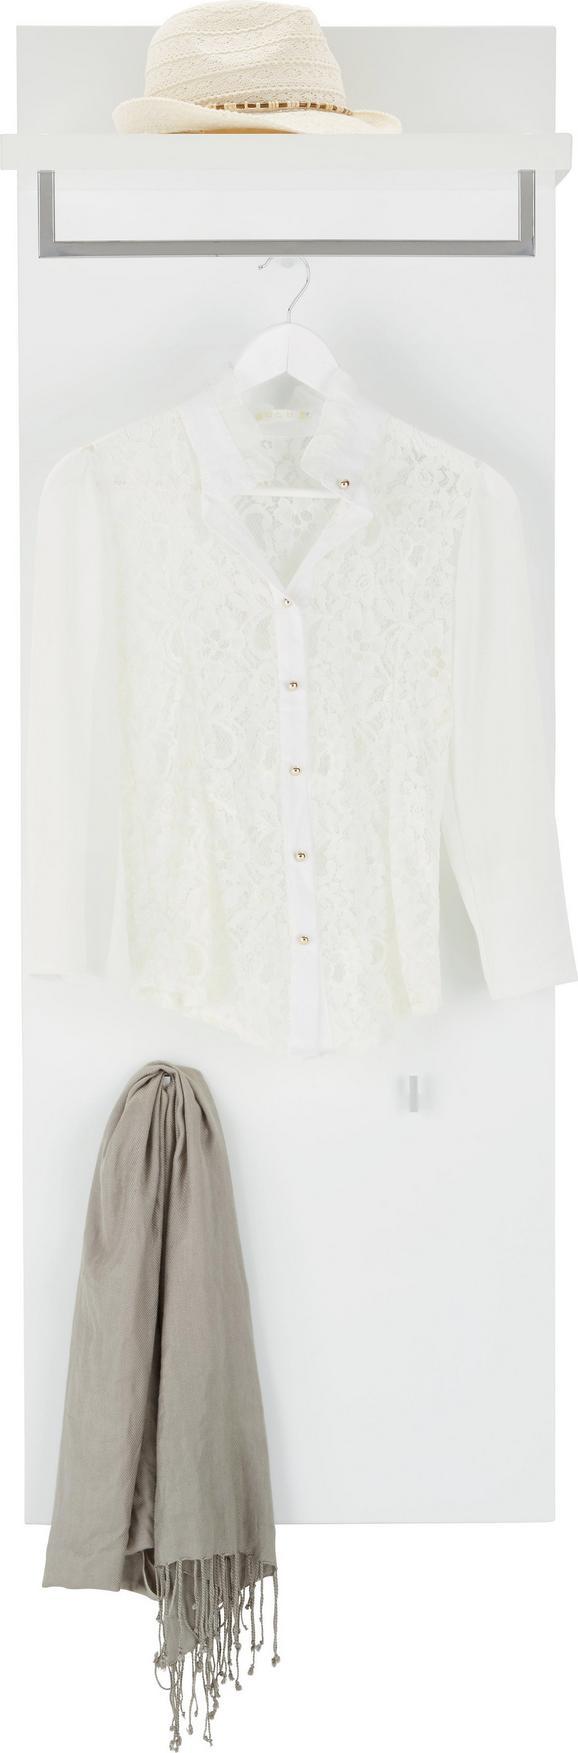 Garderobenpaneel Weiß Hochglanz - Weiß, MODERN, Holzwerkstoff (48/140/33cm) - Mömax modern living